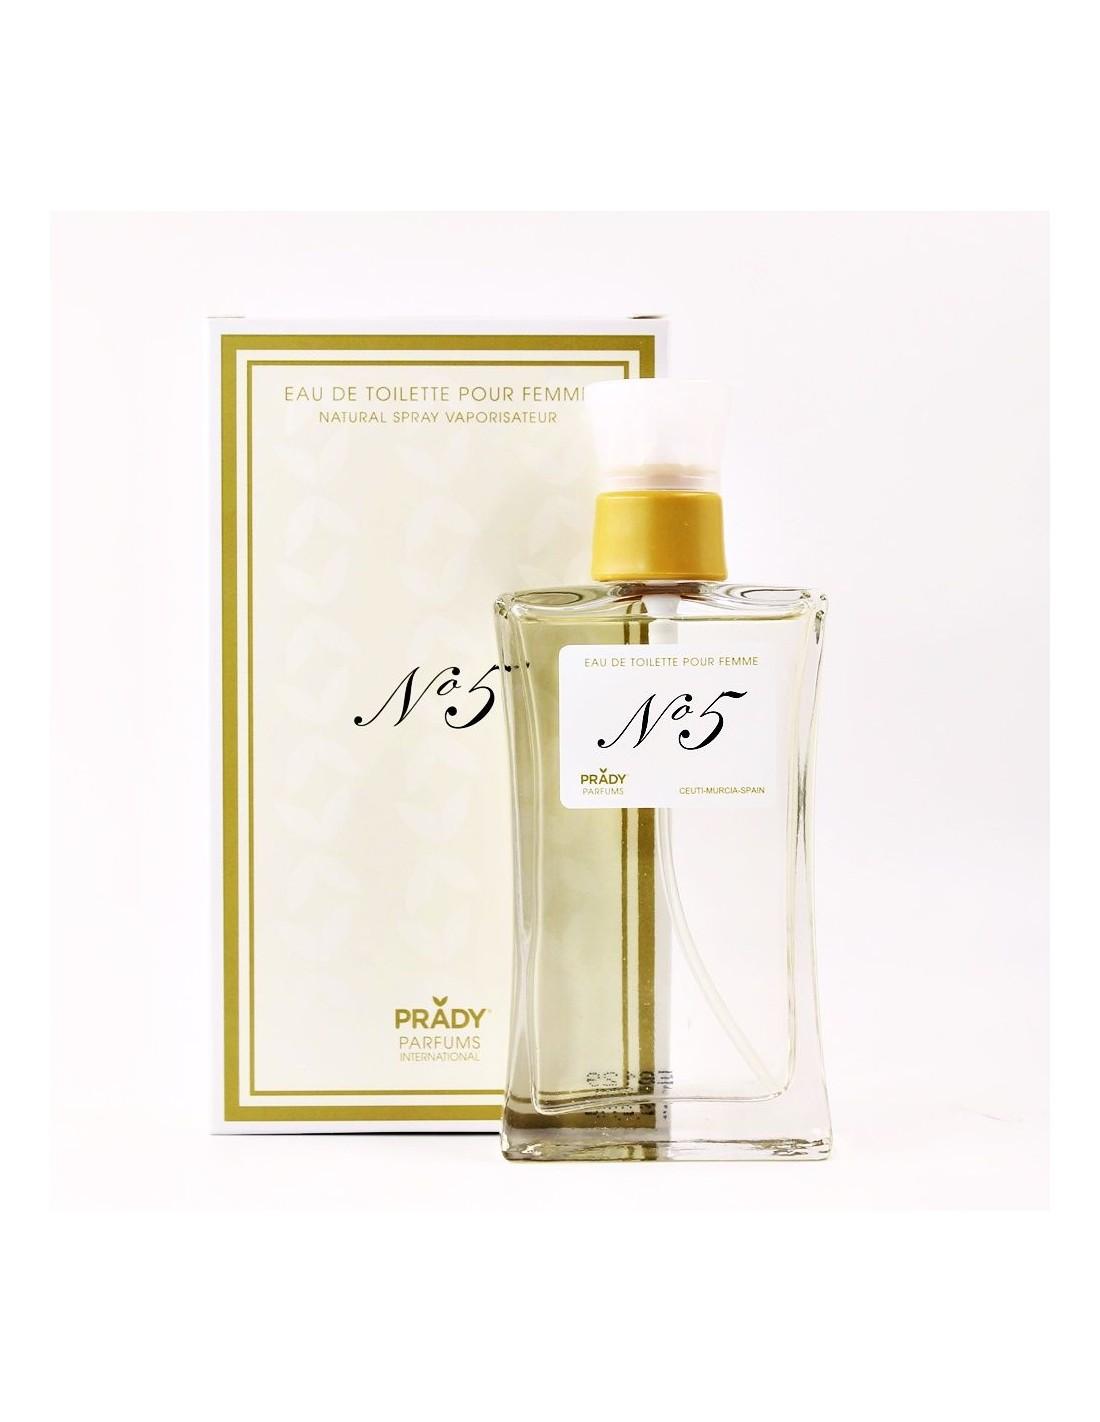 Parfum generique femme parfum Prady 5